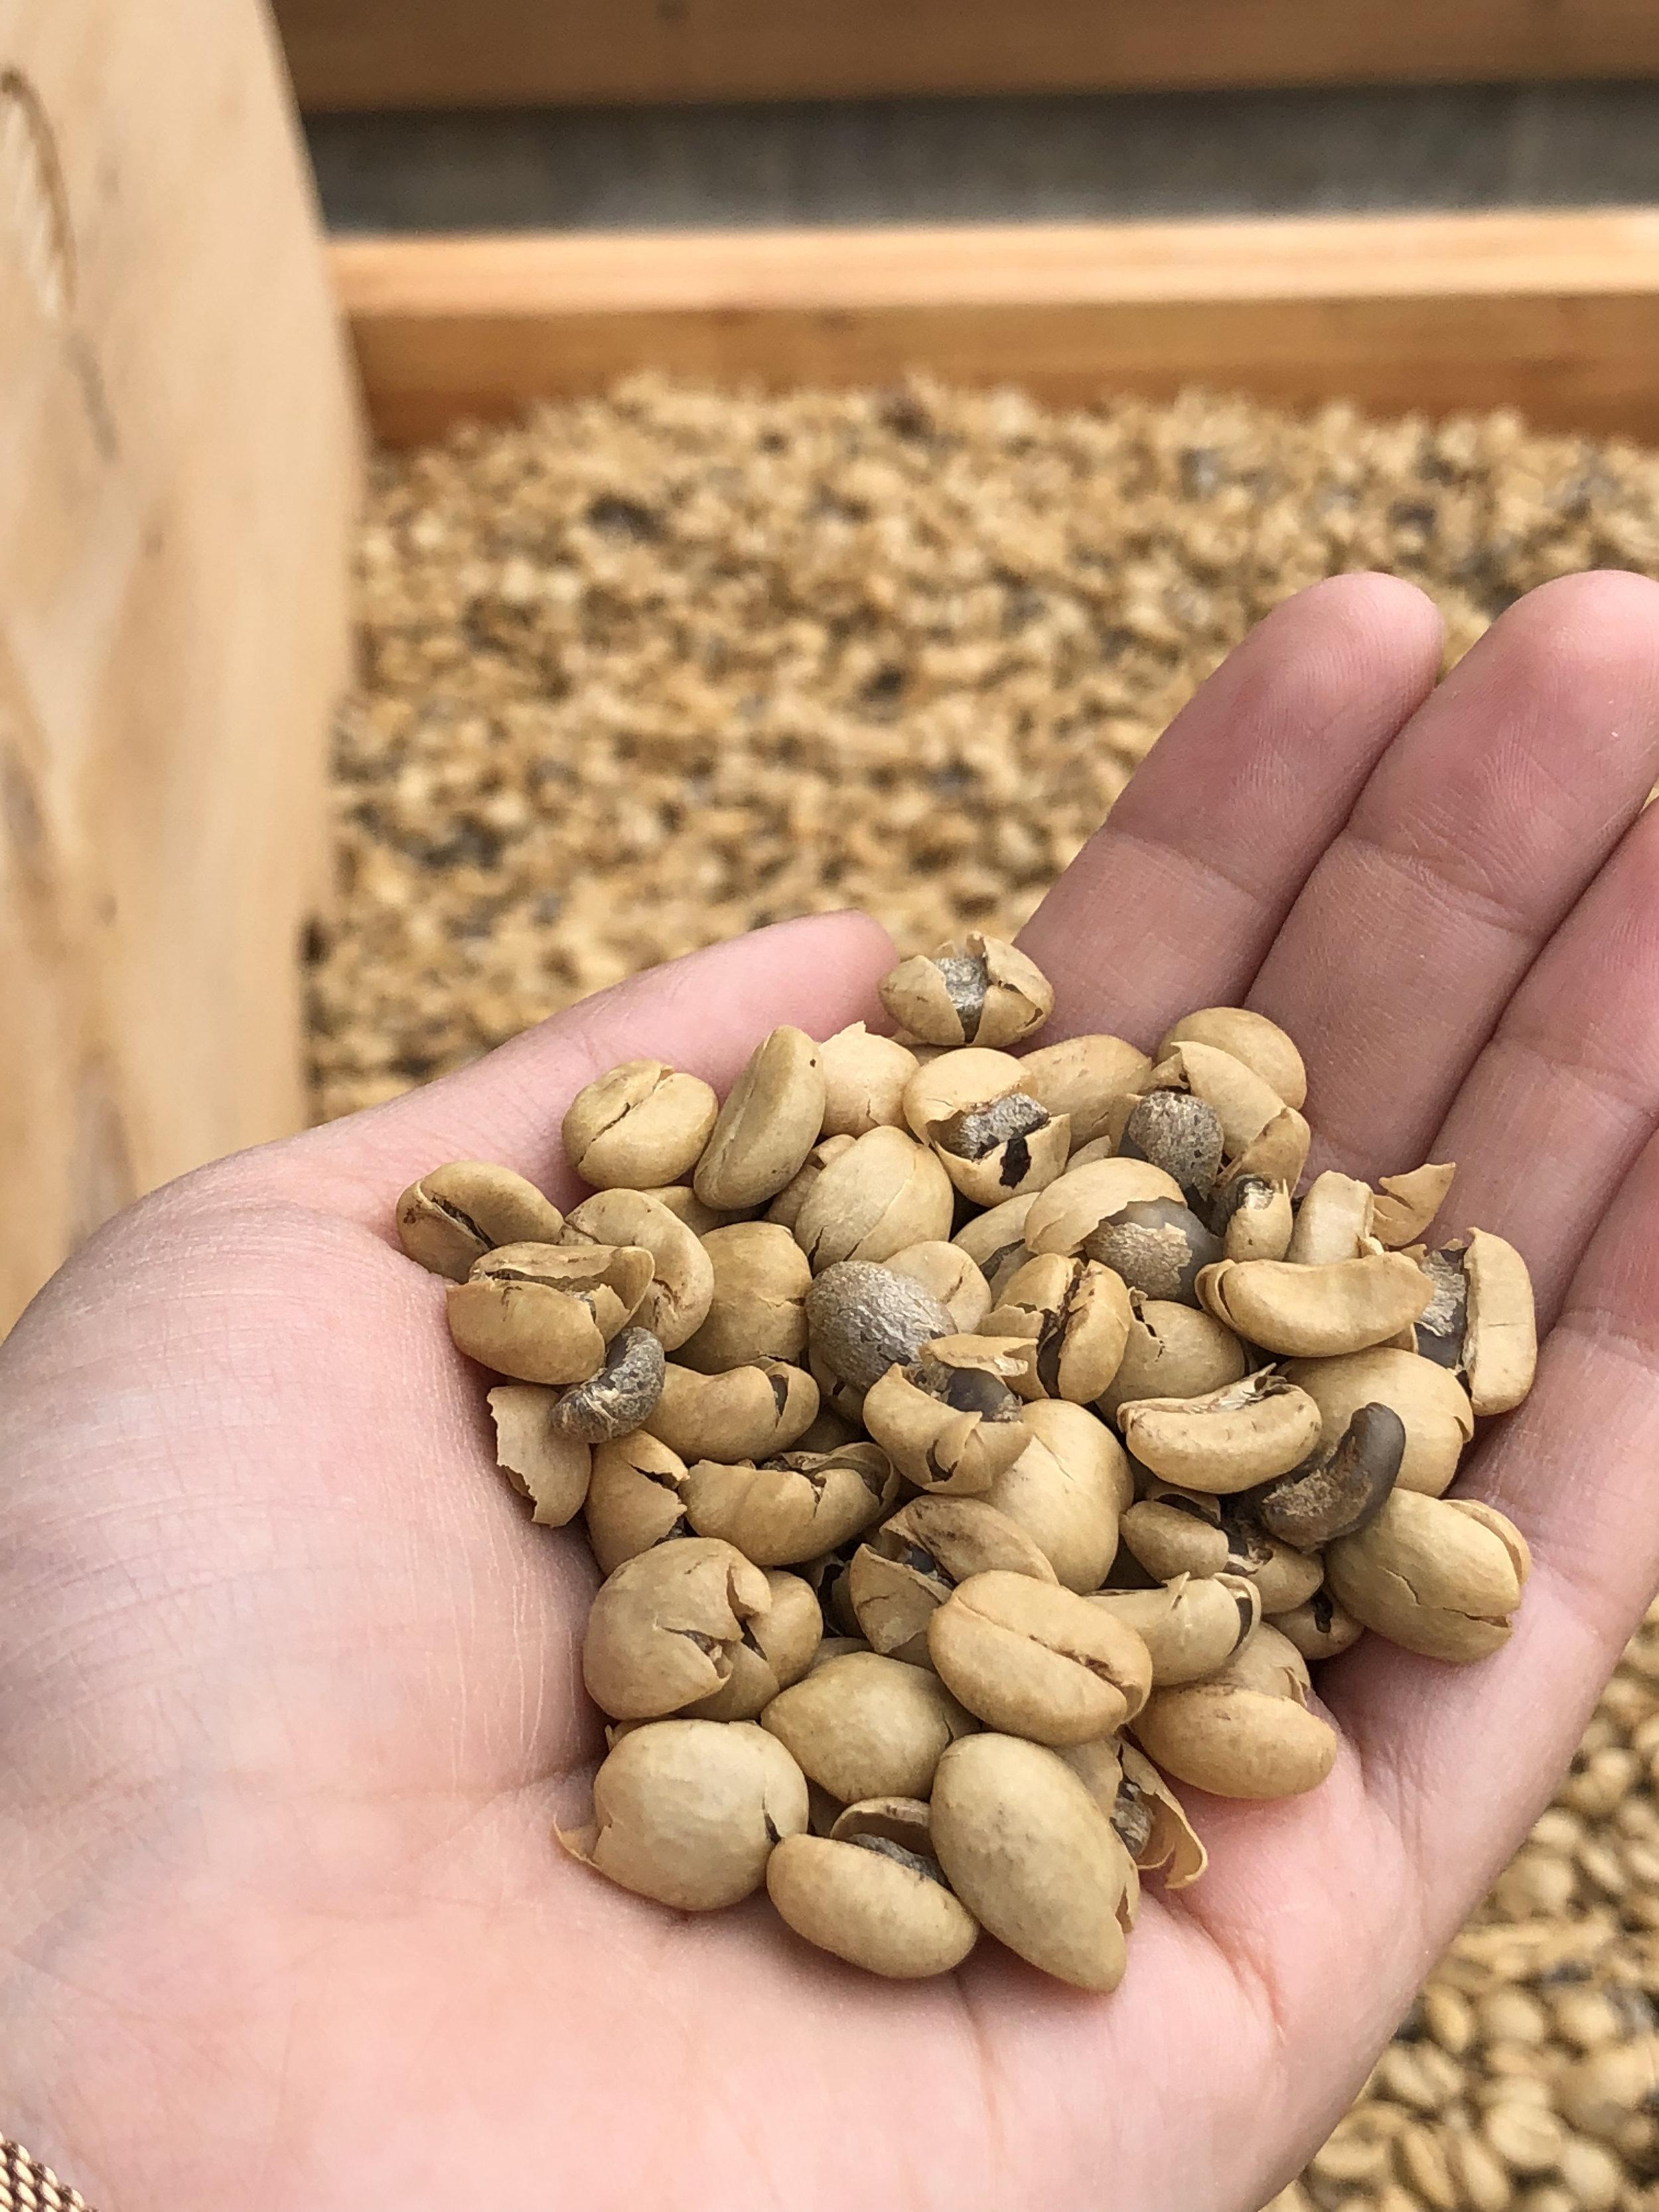 Las semillas de café secas